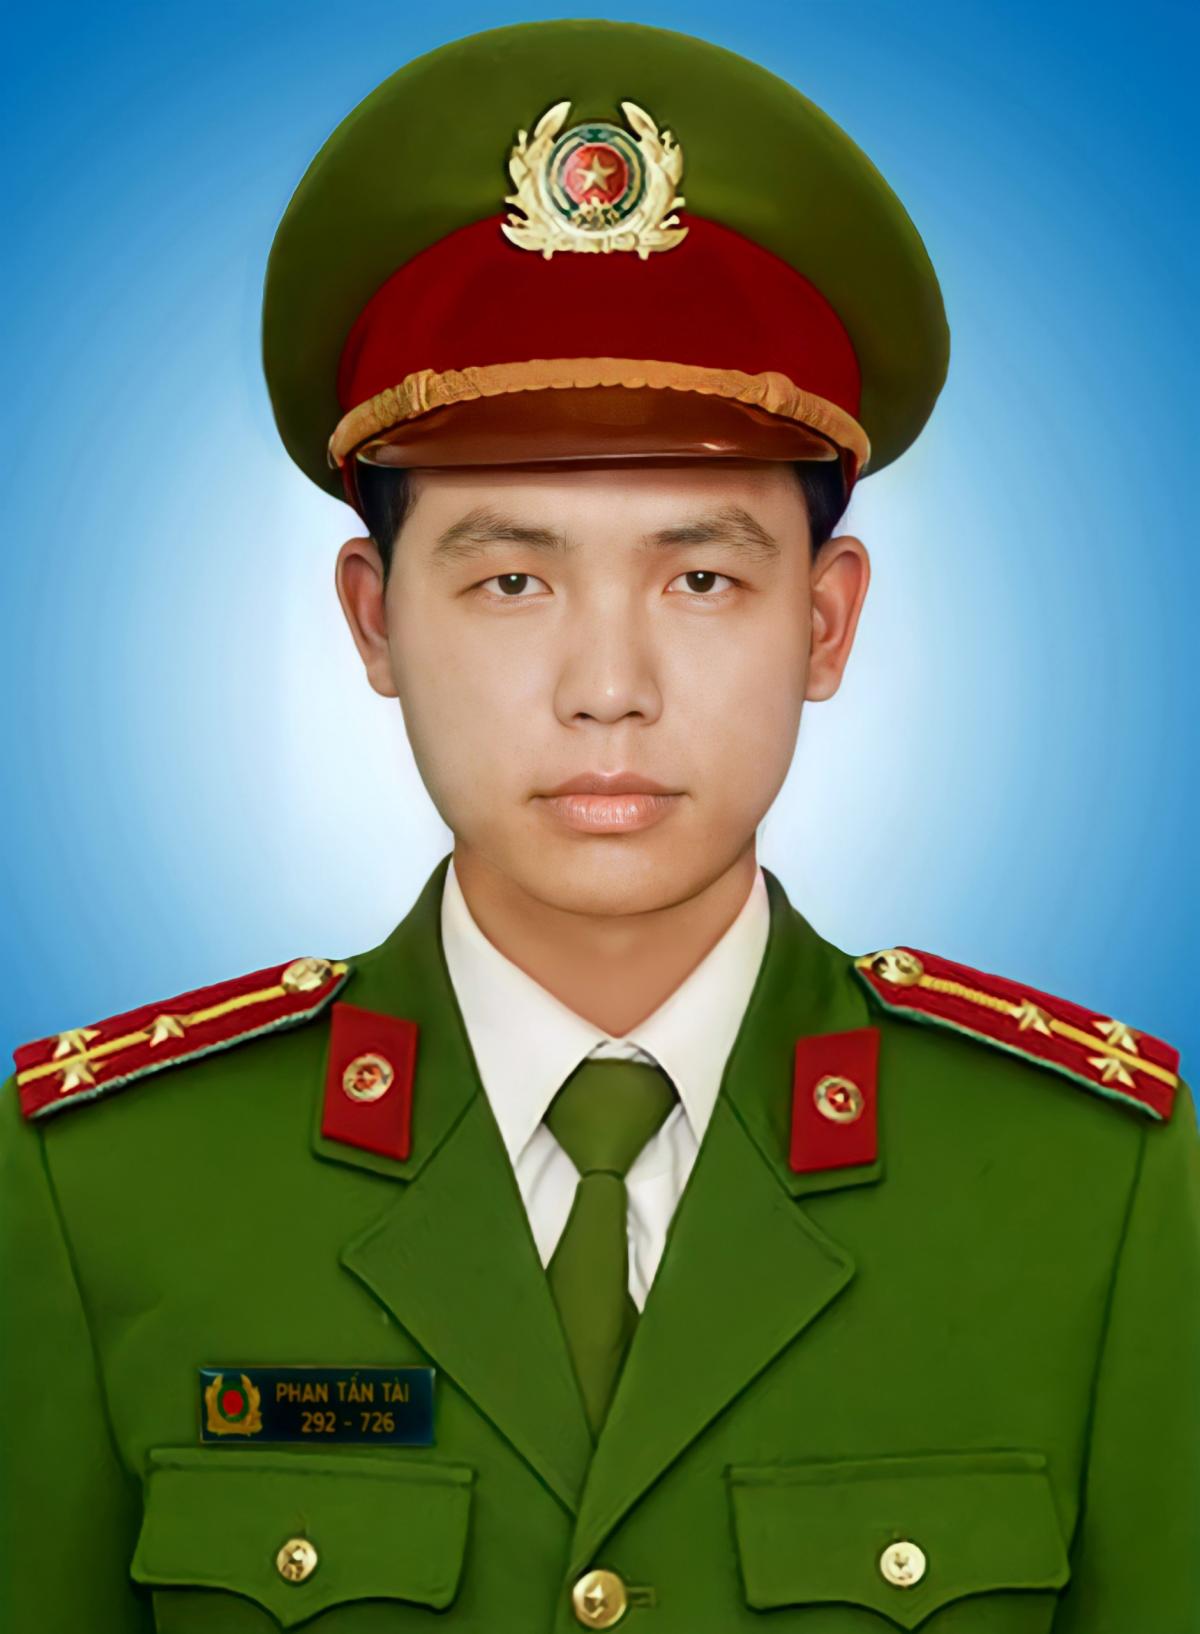 Đề nghị truy tặng Huân chương Chiến công hạng Nhì cho Thượng úy Phan Tấn Tài